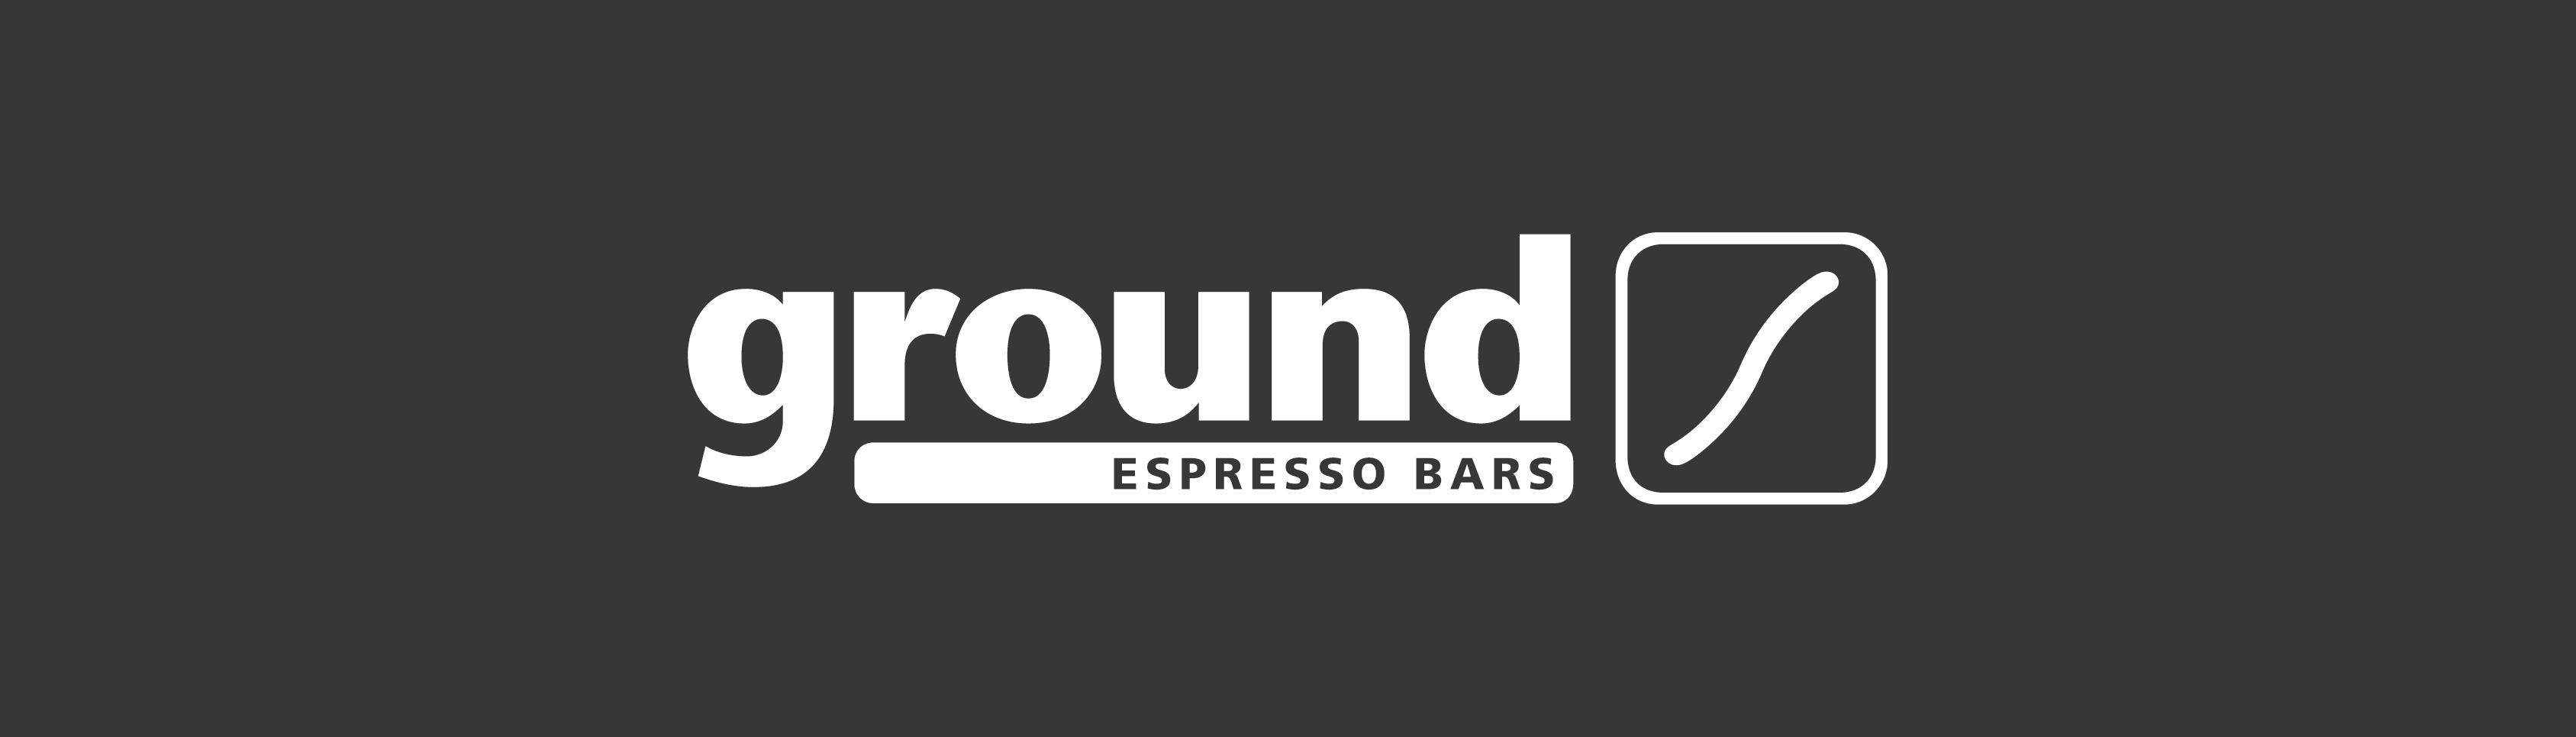 Ground Espresso Bar